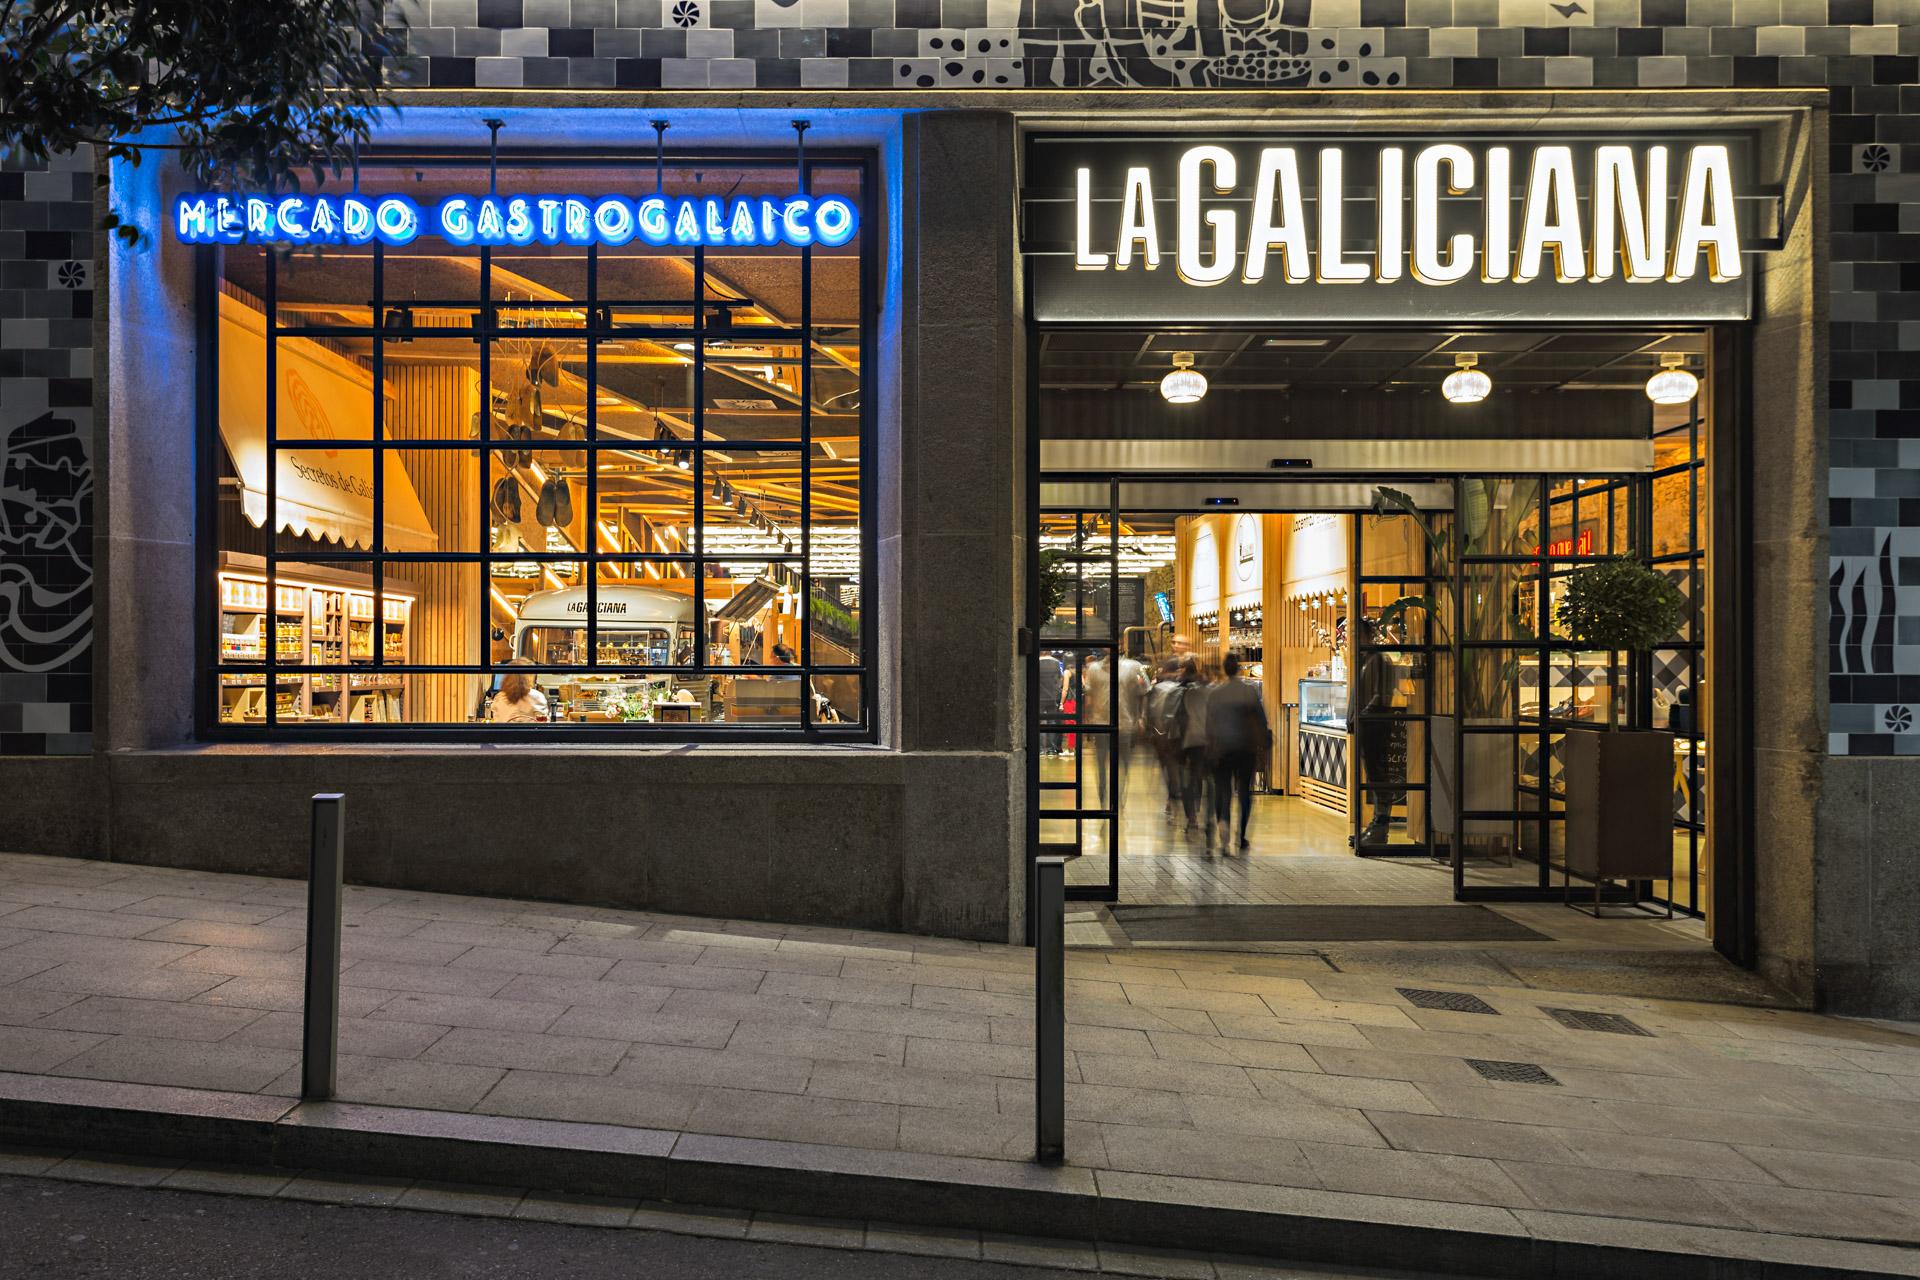 Mercado La Galiciana | Espacio Invisible - Mercado La Galiciana | Espacio Invisible | Jose Chas